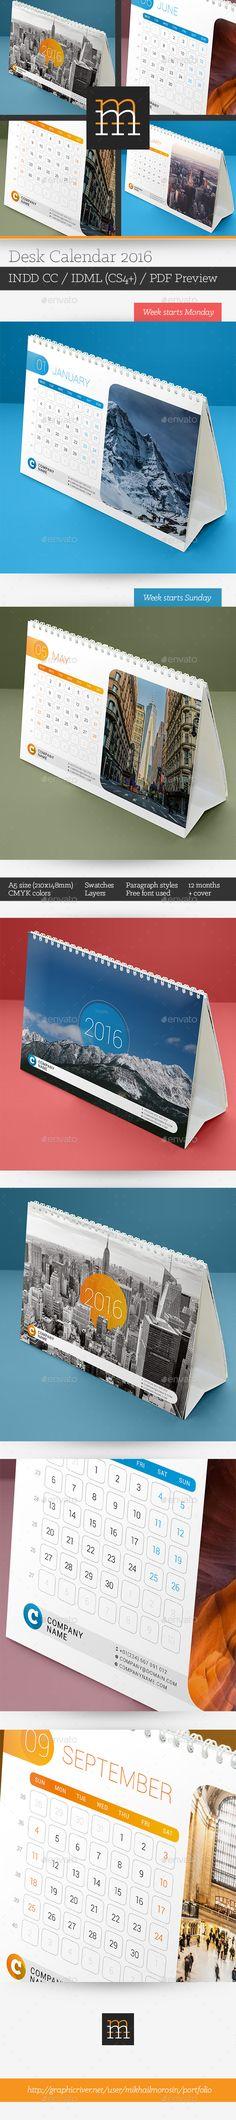 Desk Calendar 2016 Template InDesign INDD #design Download…